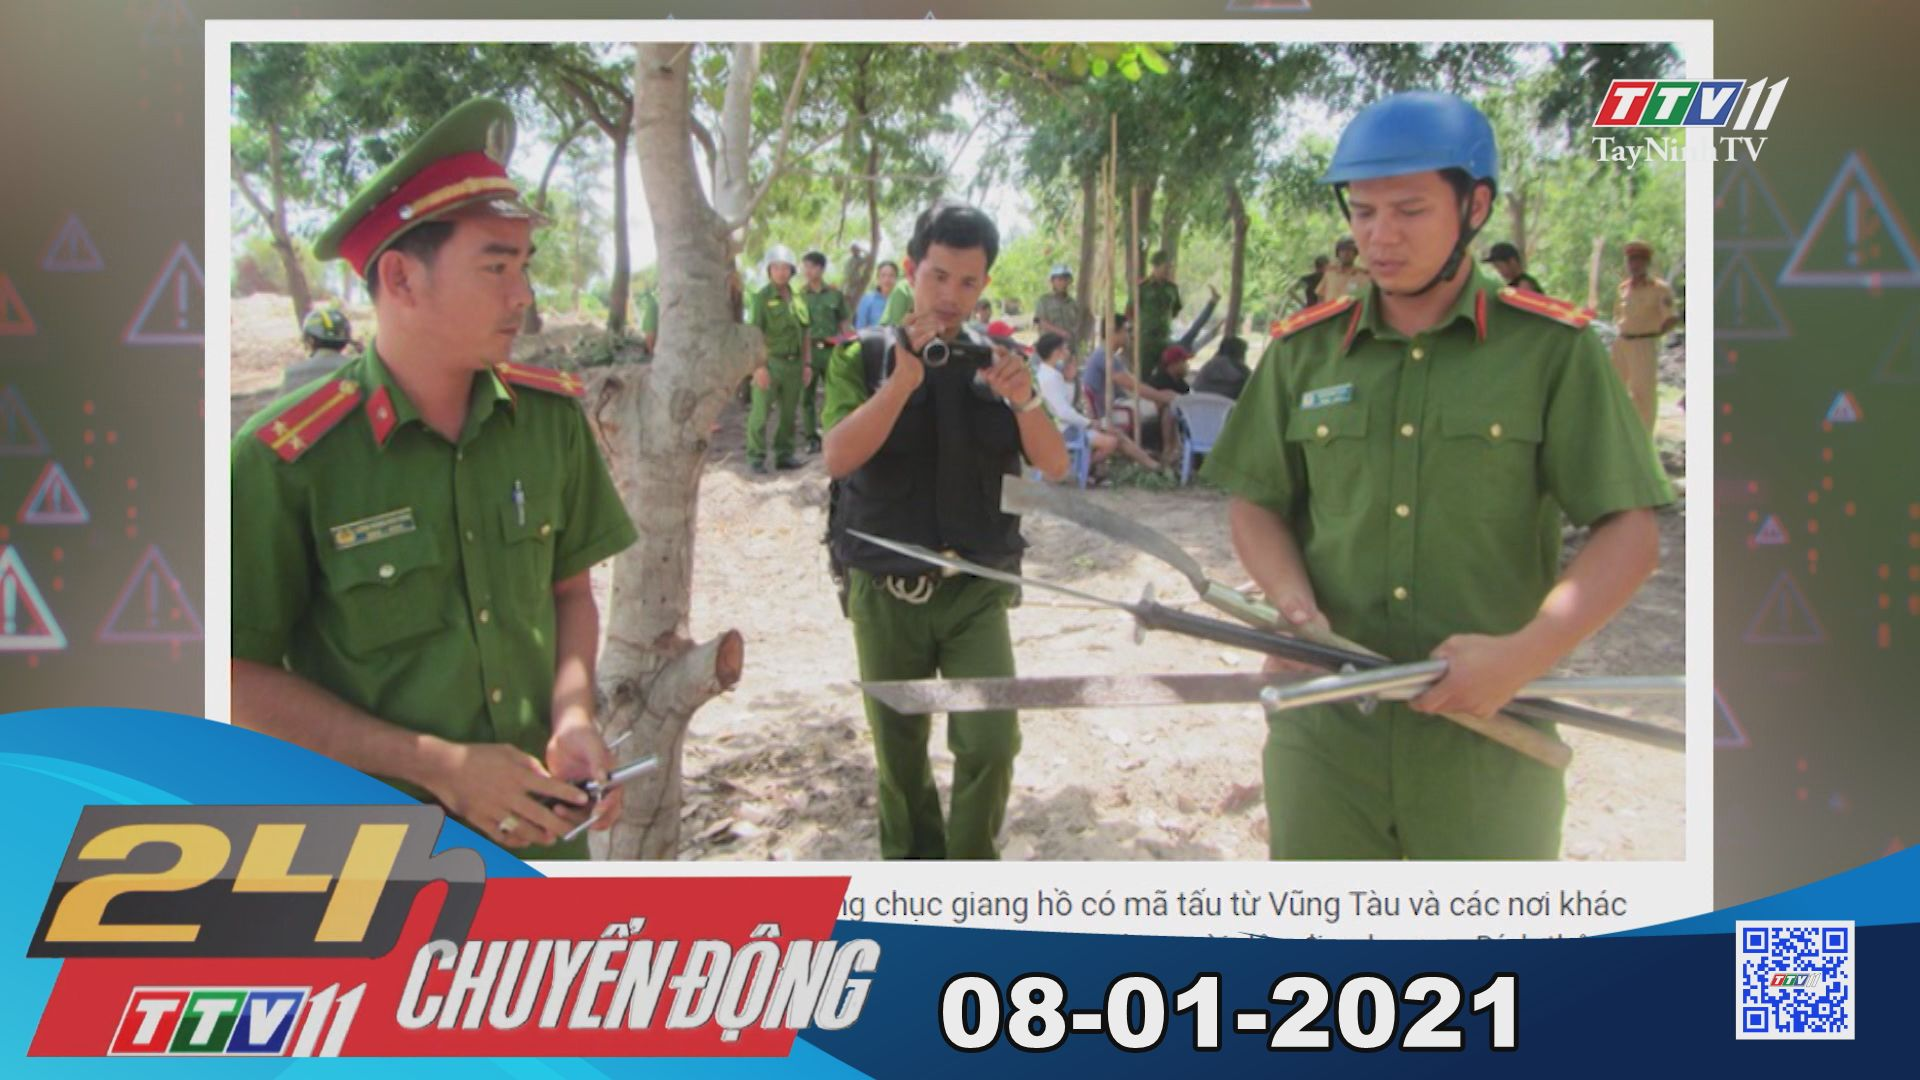 24h Chuyển động 08-01-2021 | Tin tức hôm nay | TayNinhTV